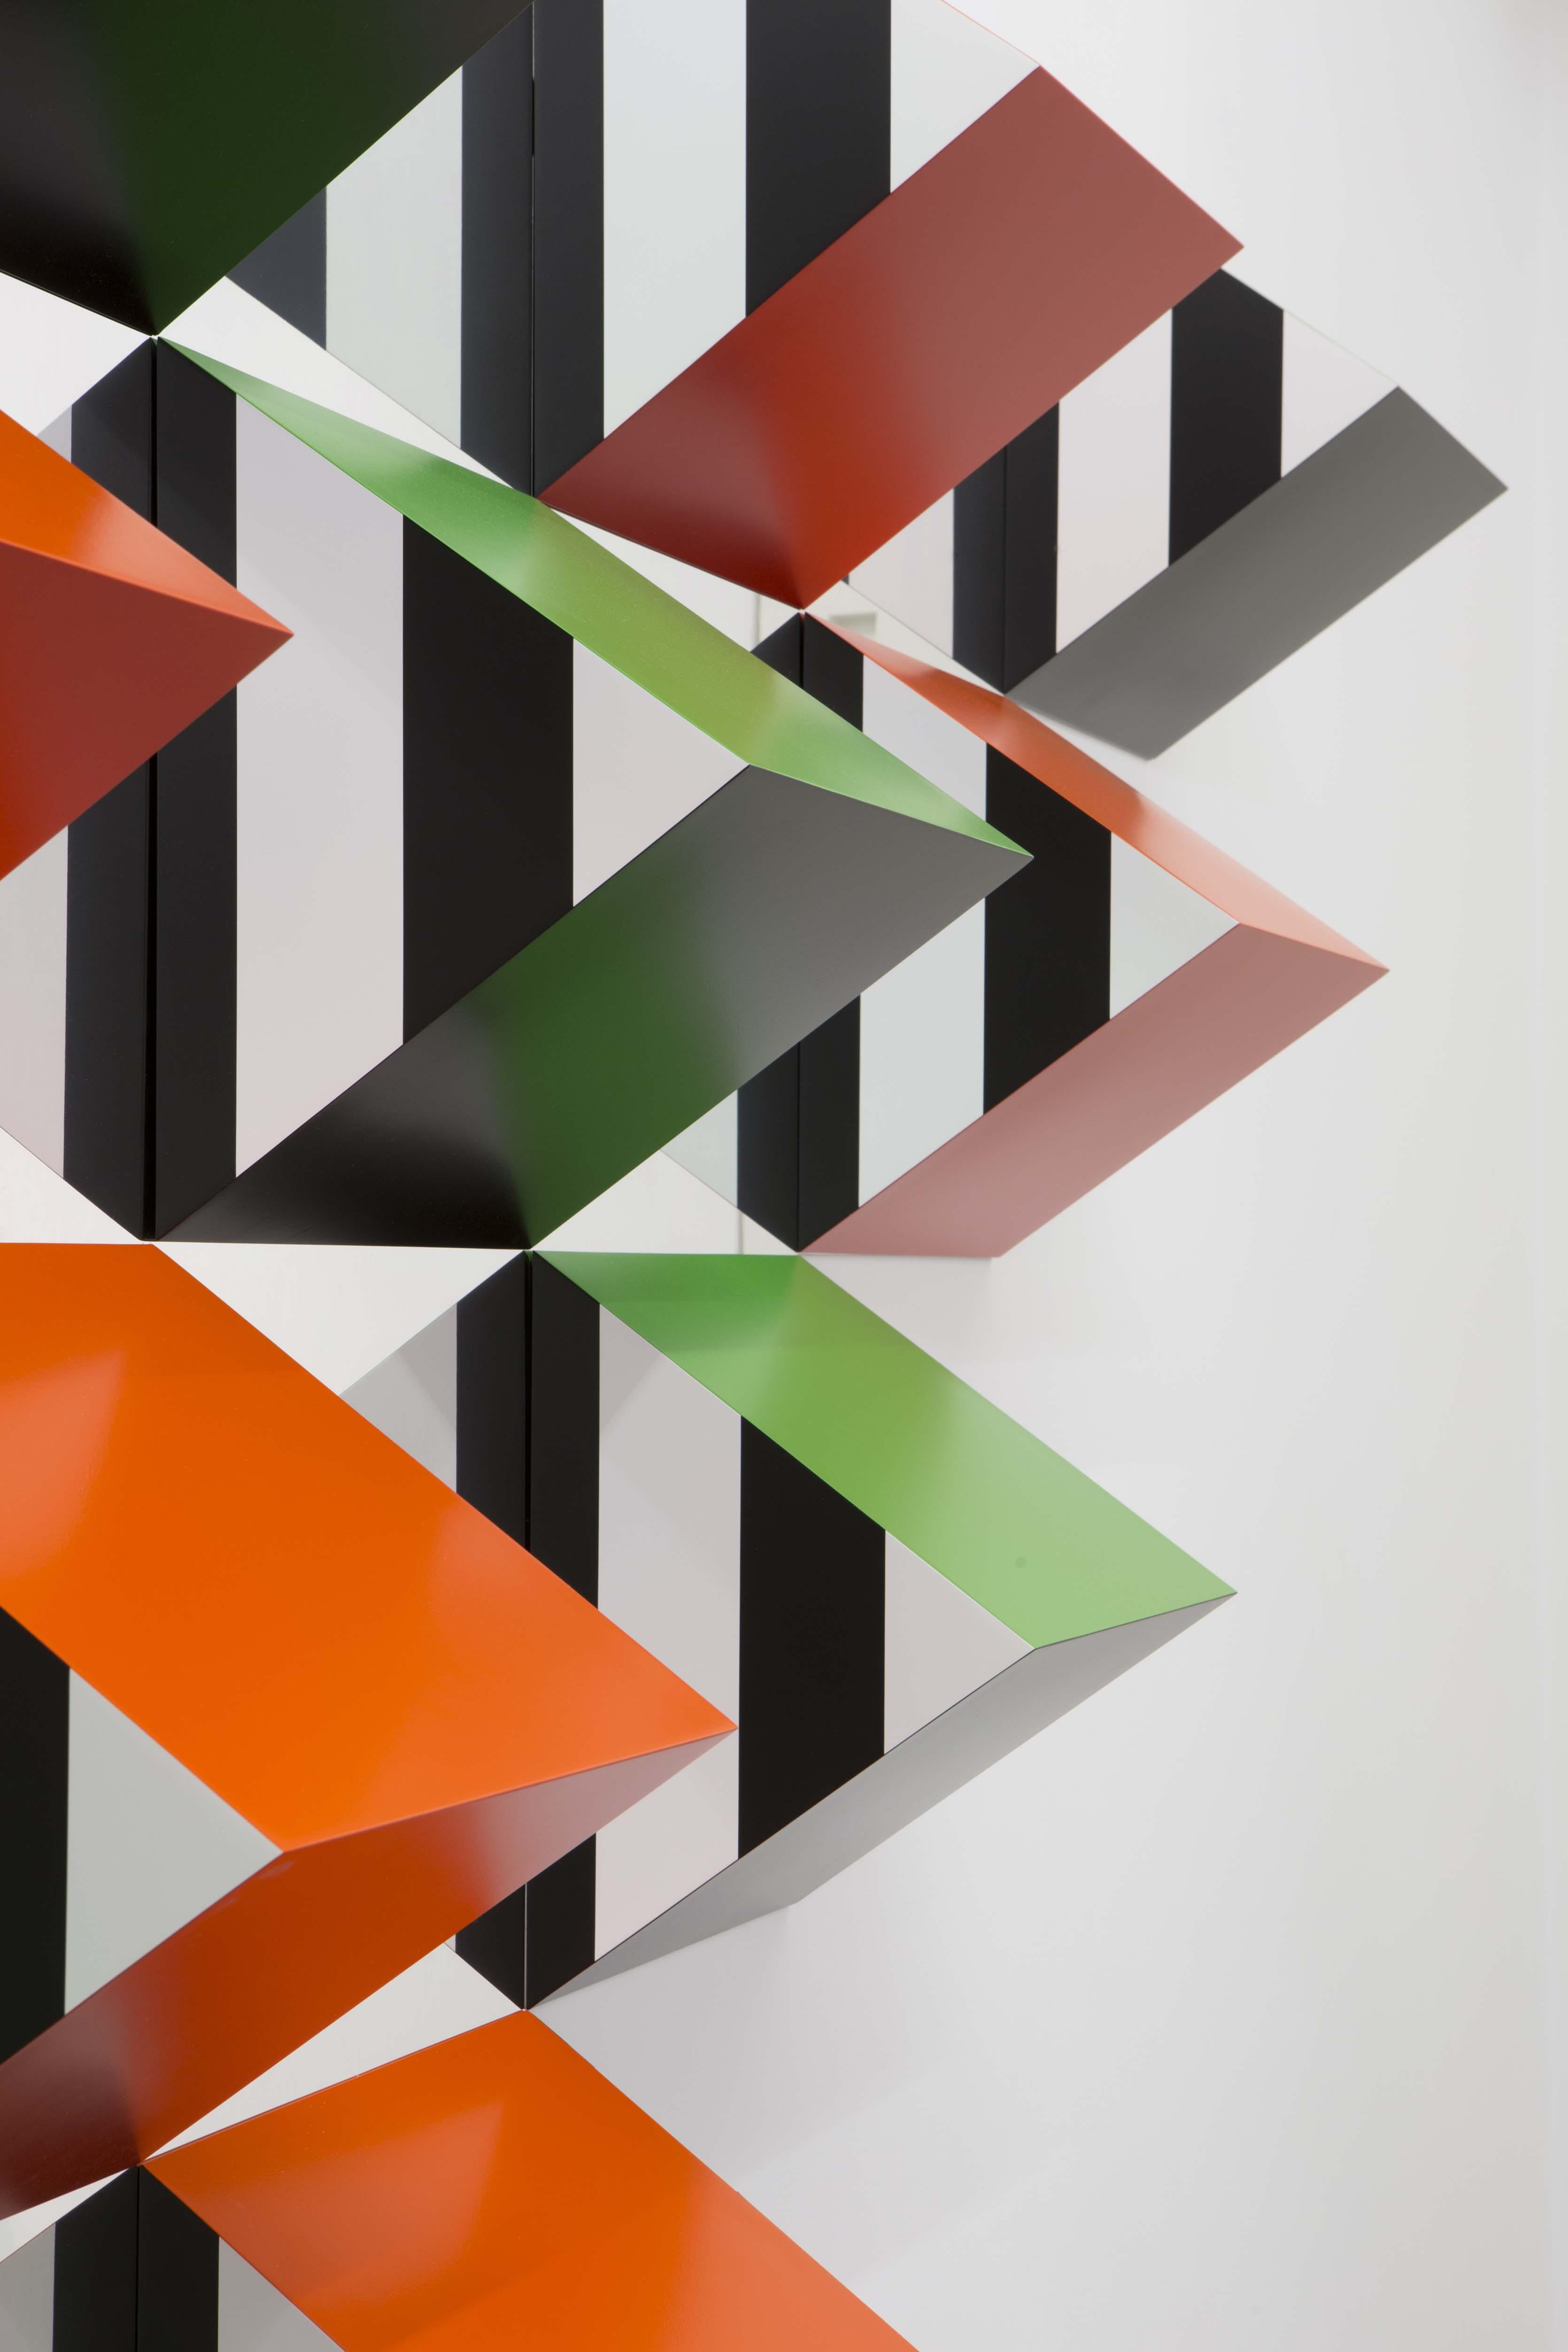 Prismes en aluminium, peinture acrylique satinée blanche (RAL 9003), noire (RAL 9017), orange (RAL 2004), rouge (RAL 3020) et verte (RAL 6018), panneaux composites aluminium Alucobond® (aspect miroir), bandes de vinyle auto-adhésif noir de 8,7 cm de large, colle